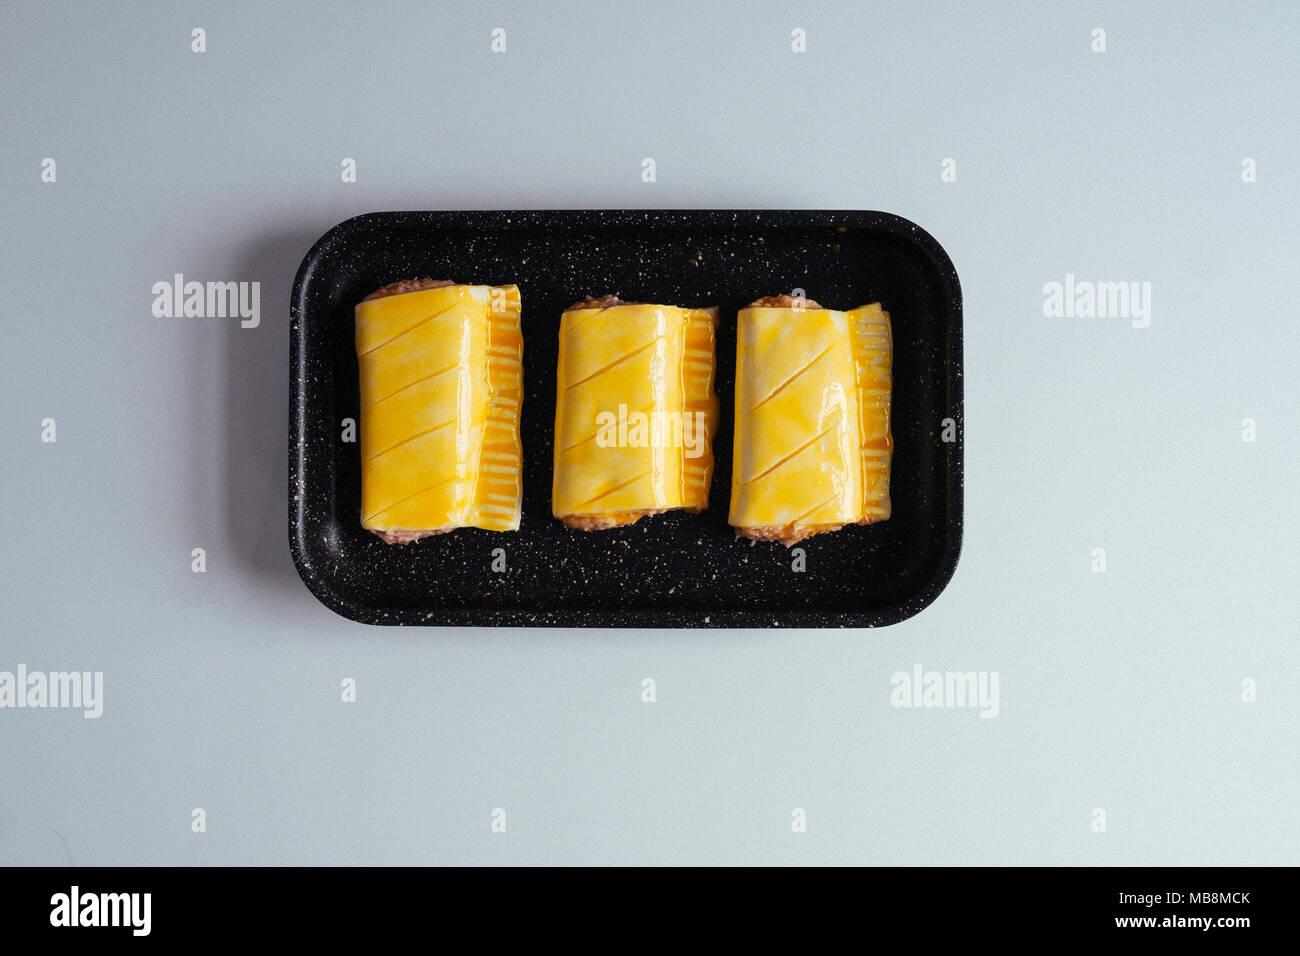 Rotolo di salsiccia pronti per la cottura Immagini Stock